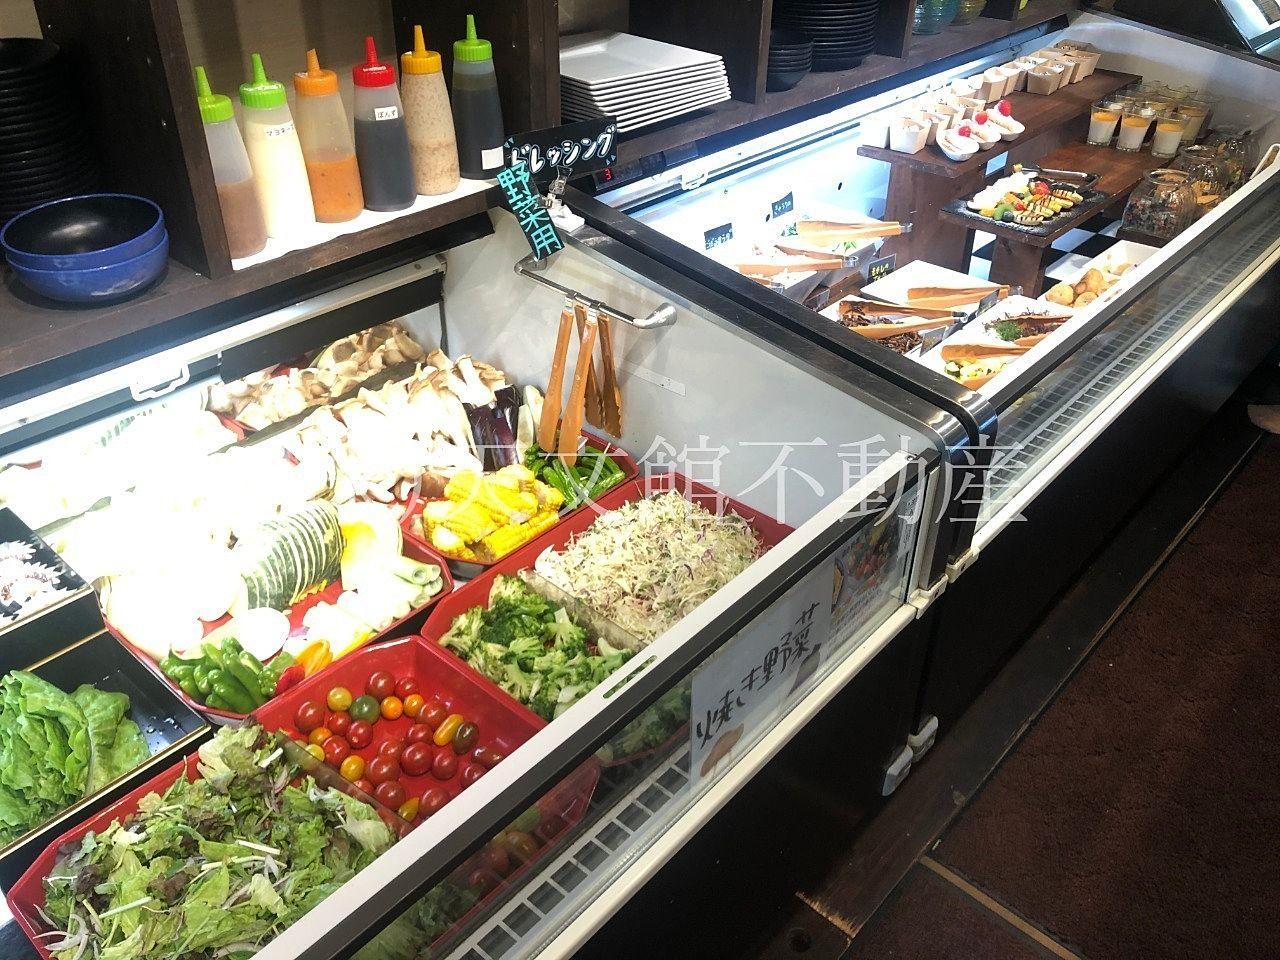 鹿児島県肝属郡肝付町前田「生肉専門店 新村畜産」のランチは野菜やスイーツ、ご飯もお替り自由です。